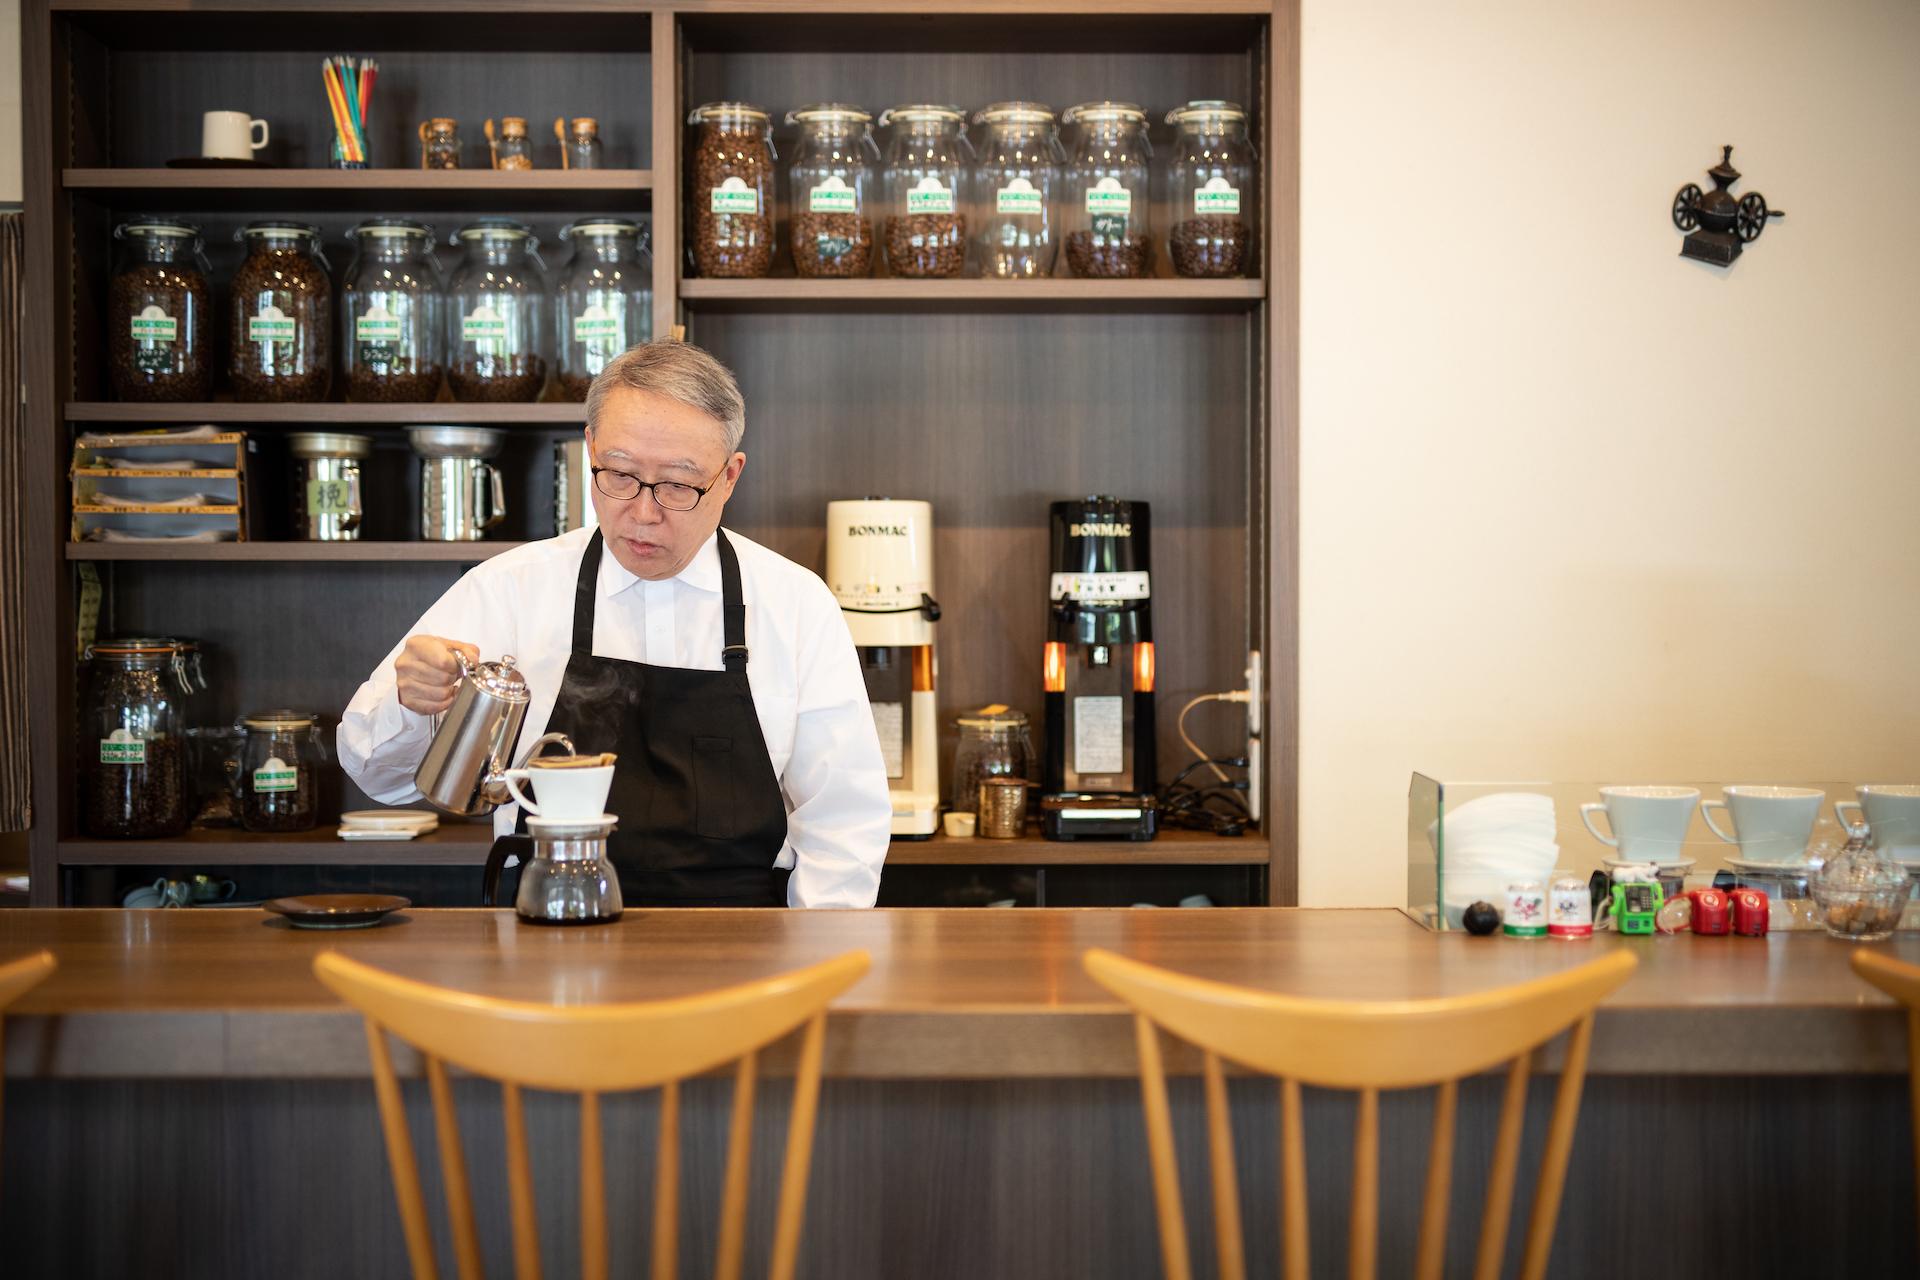 体に馴染む健やかなコーヒーの秘密は、真面目で誠実な富山のものづくりにあり